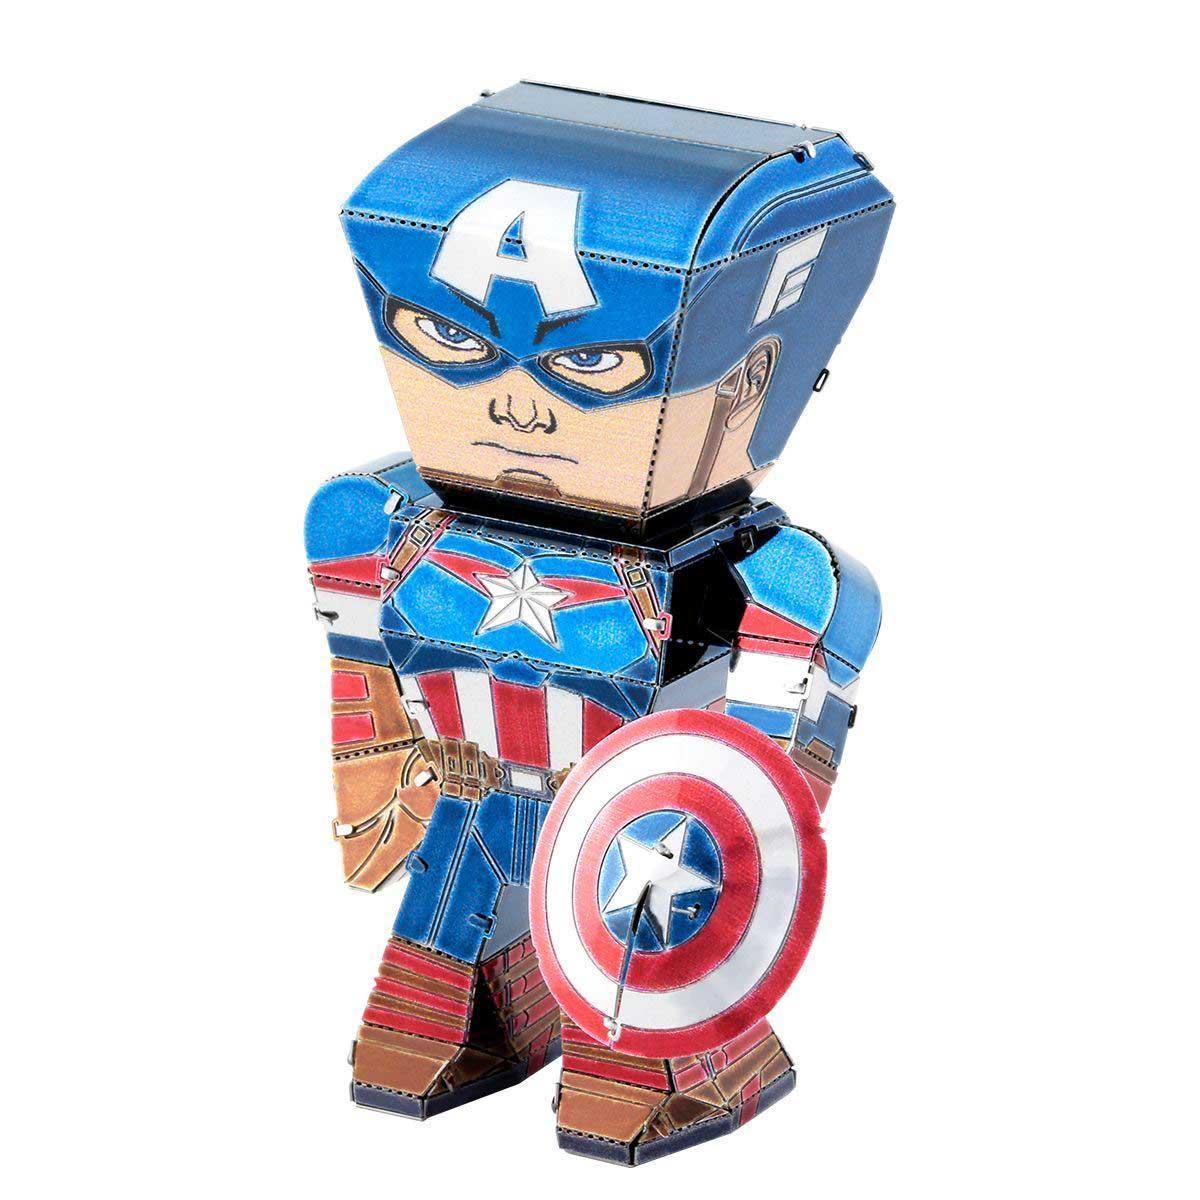 Captain America Movies / Books / TV 3D Puzzle